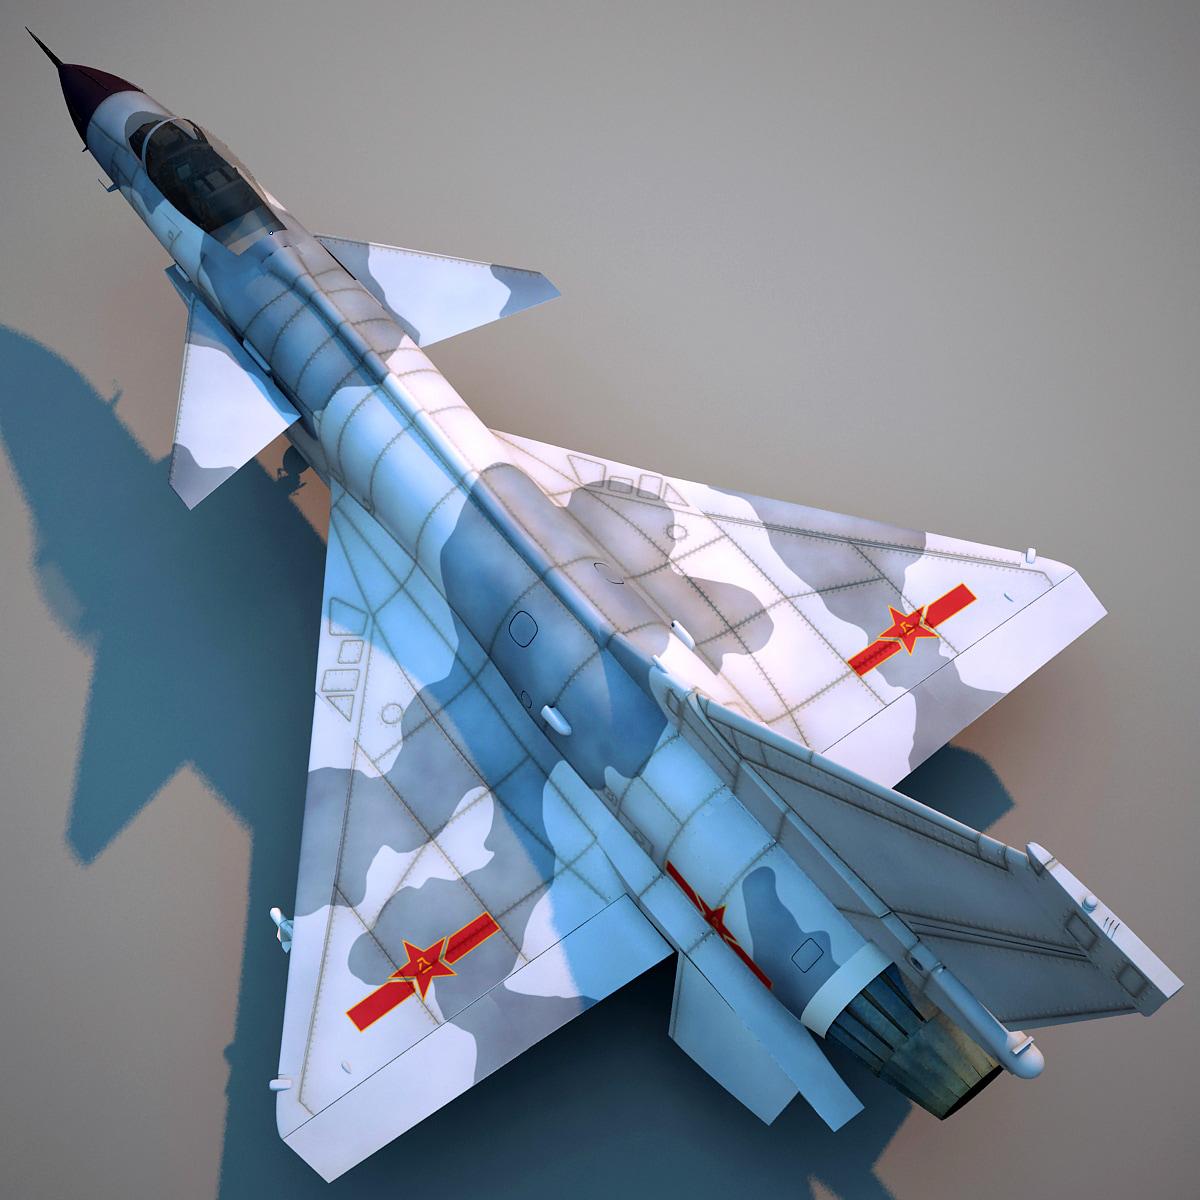 chengdu j-10 china fighter aircraft 3d c4d